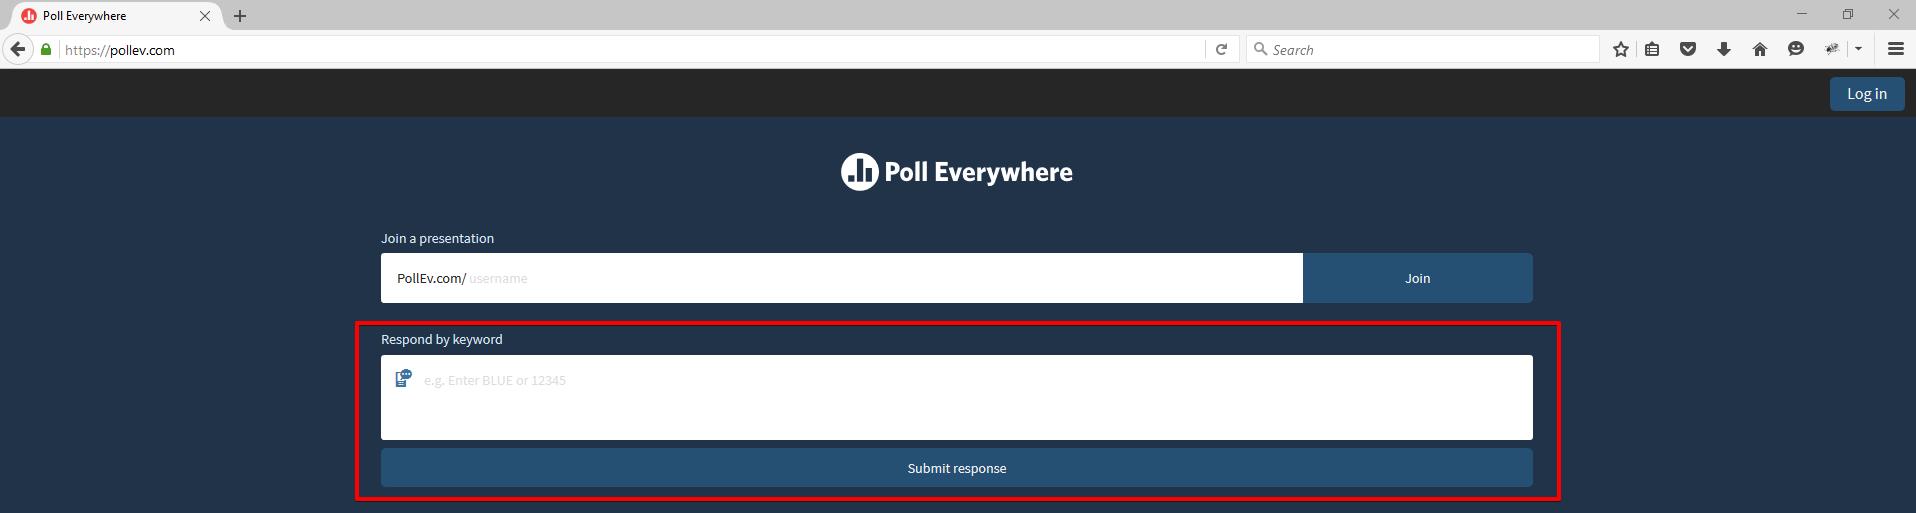 PollEv.com